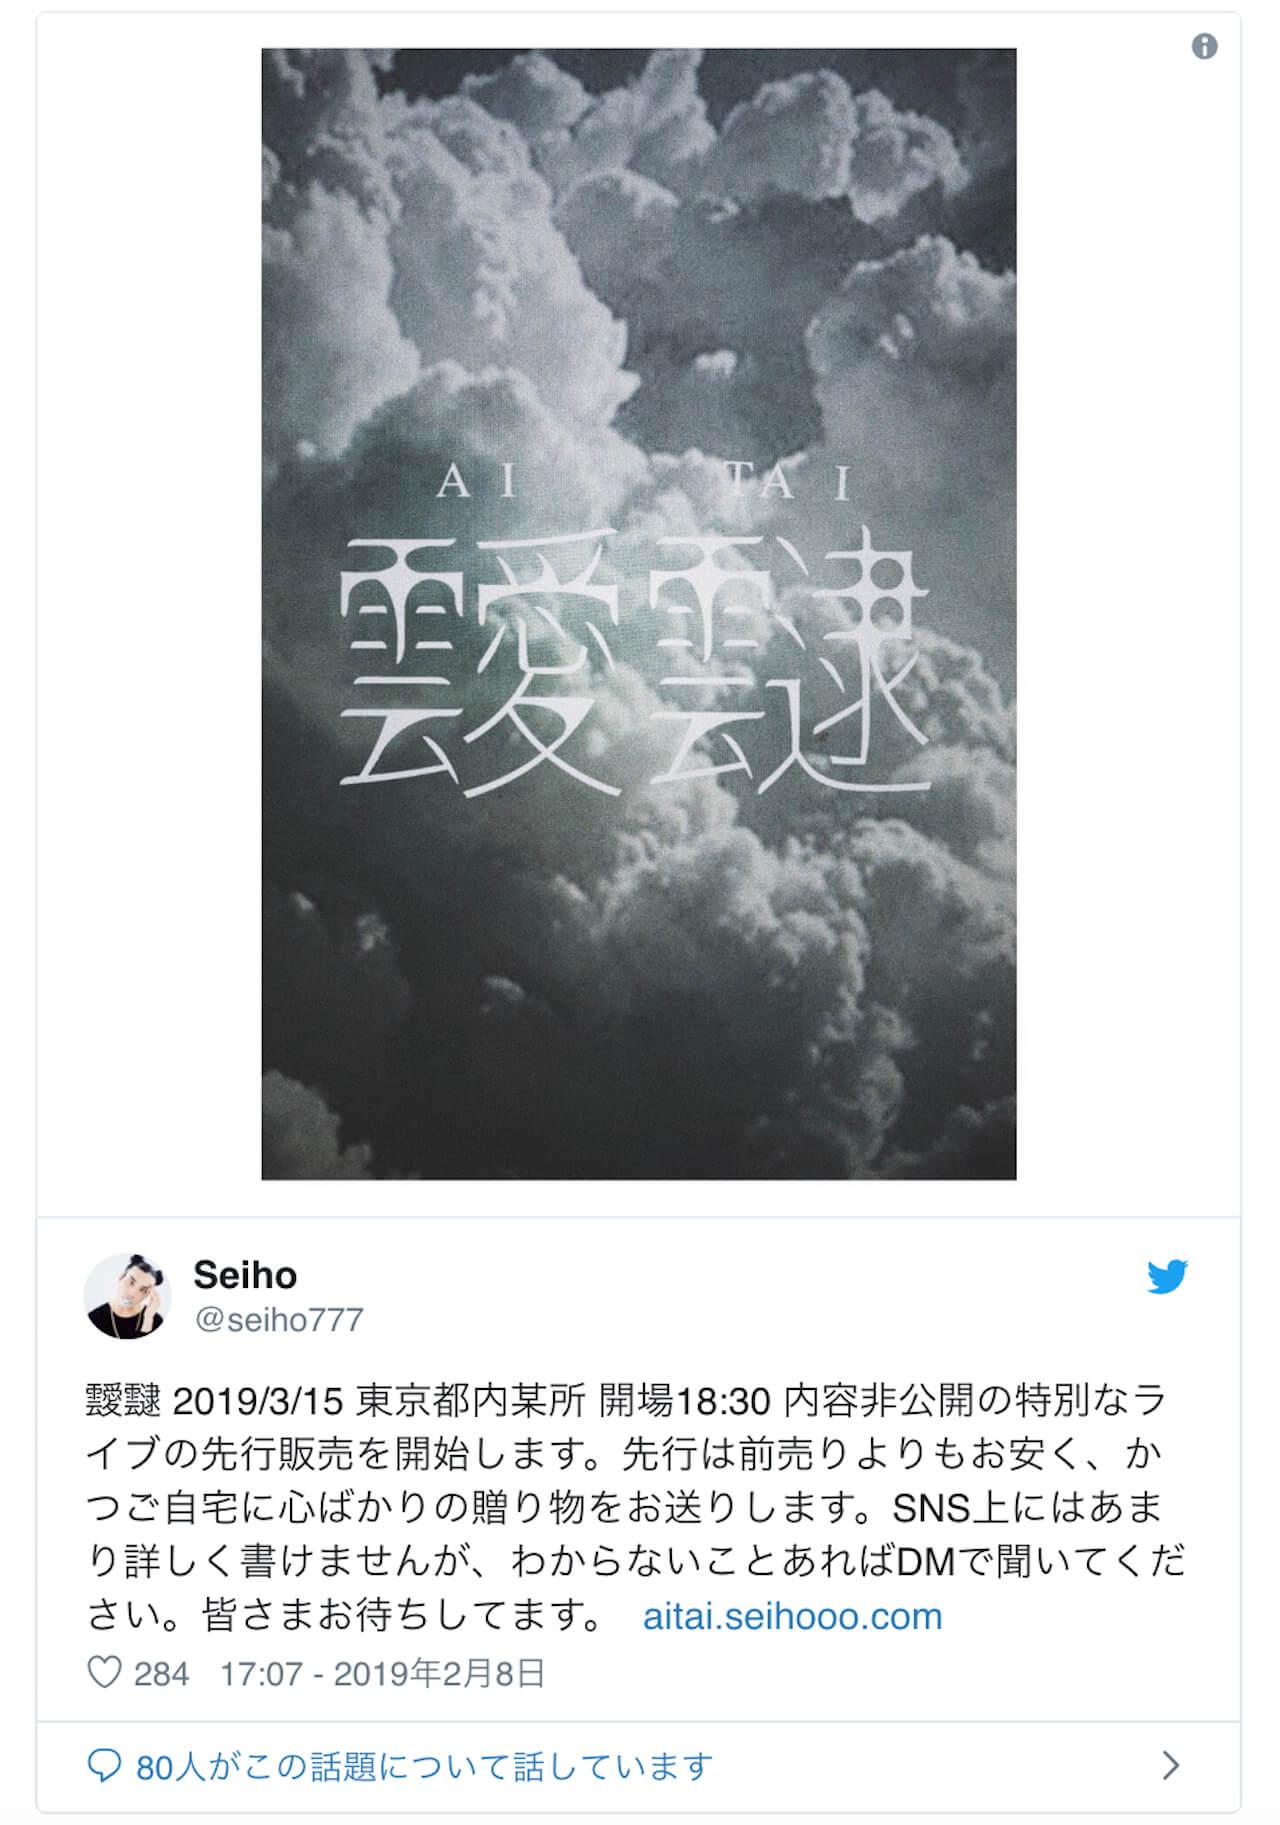 Seihoに訊く、内容非公開イベント「靉靆」とは? interview190214-seiho-7